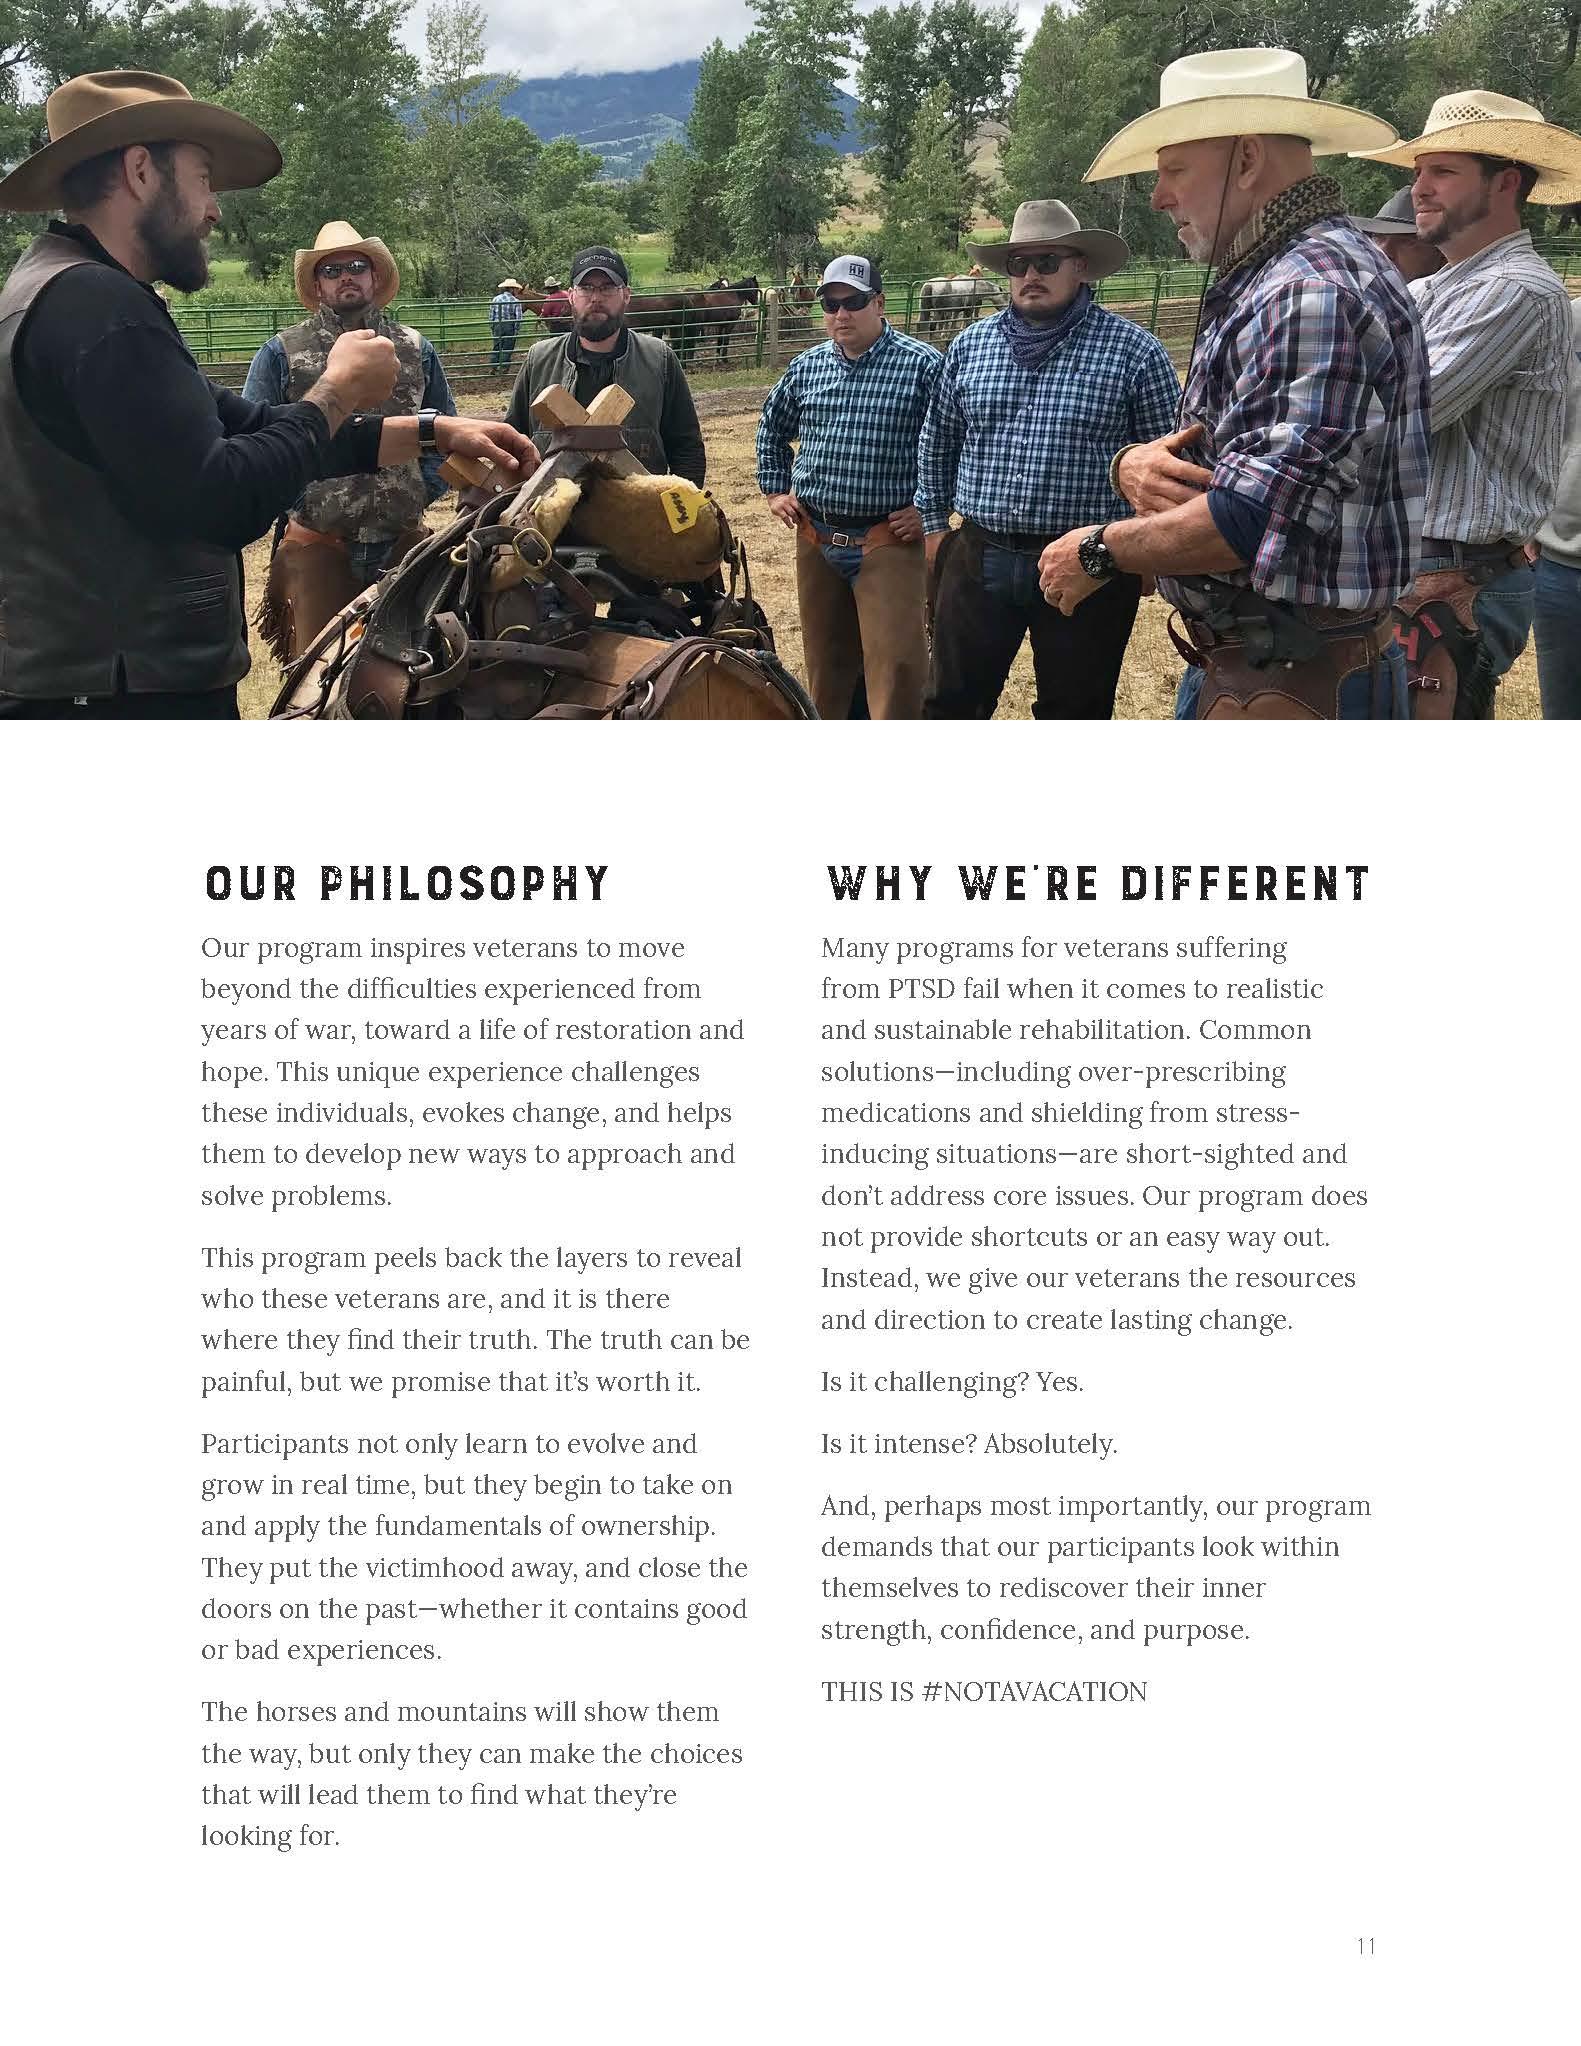 Heroes and Horses 2019 Brochure_Page_11.jpg